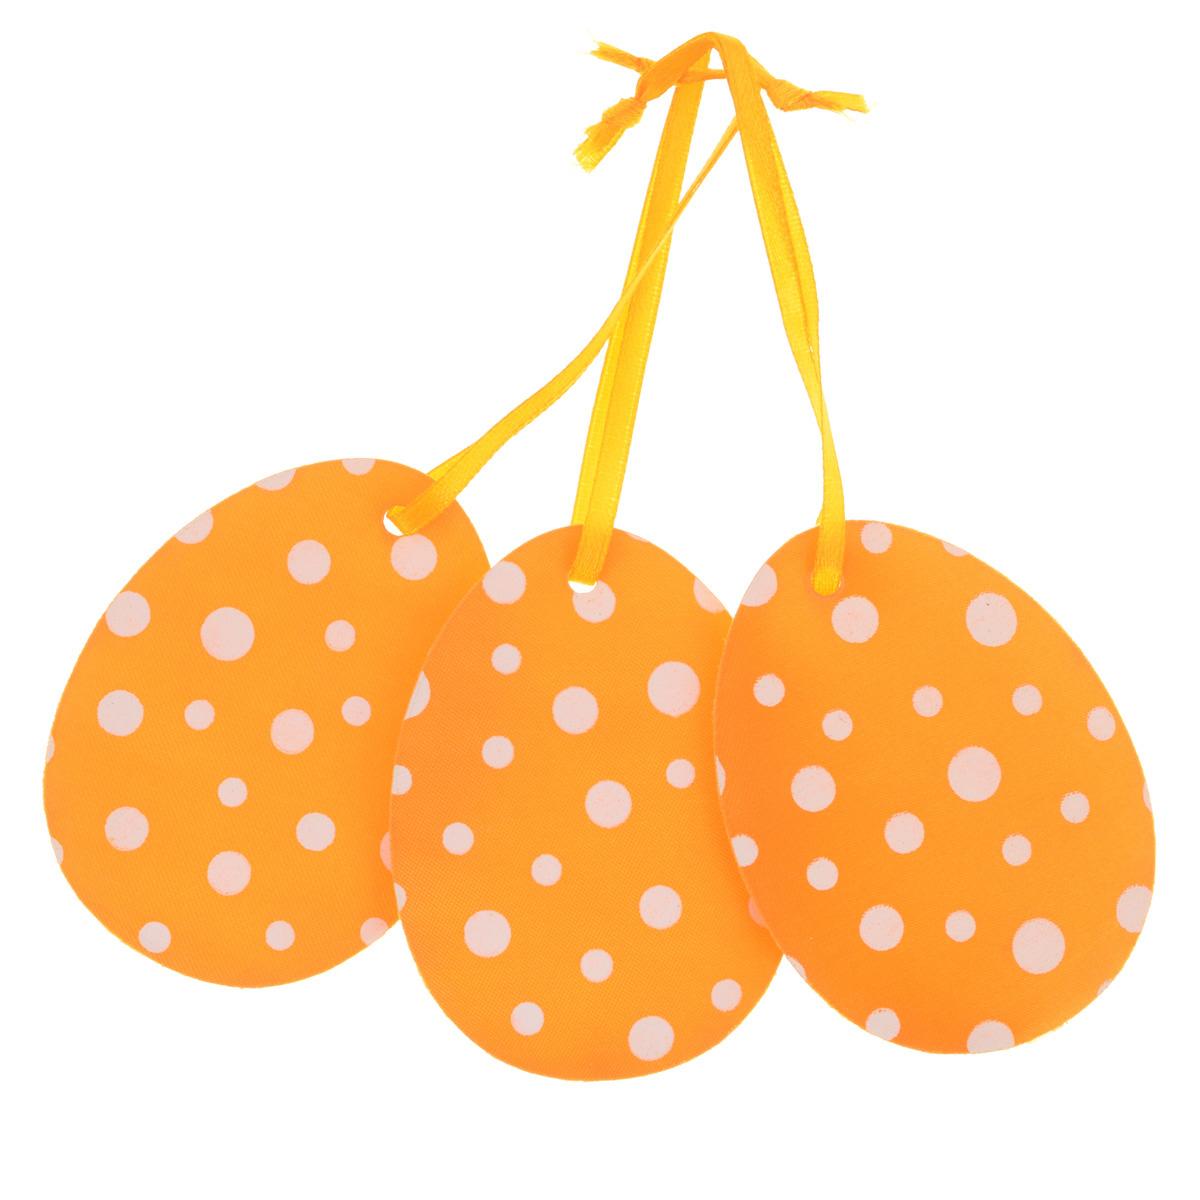 Набор пасхальных подвесных украшений Home Queen Нежность, цвет: оранжевый, 3 шт